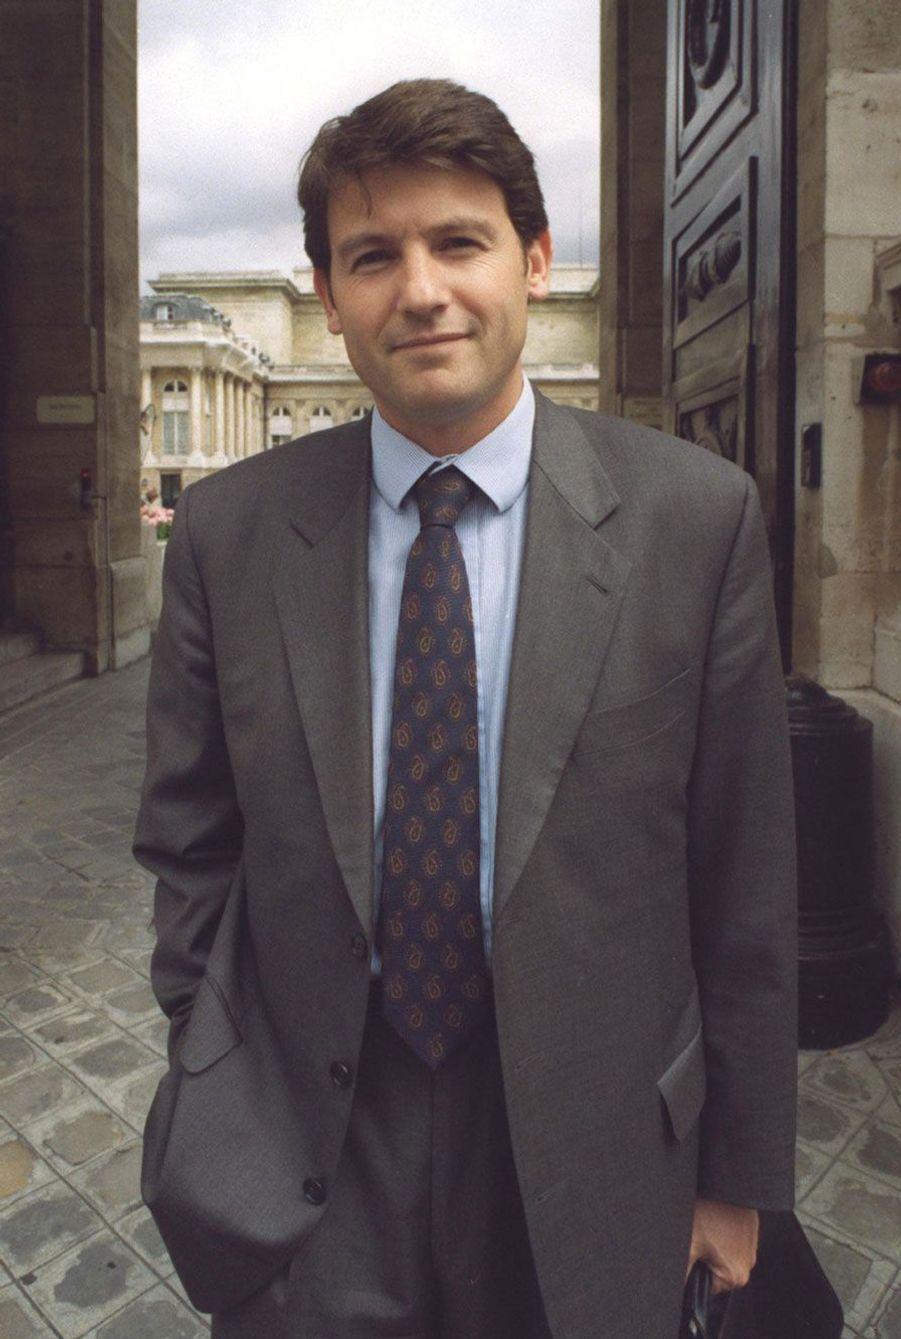 Vincent Peillon à Lille, vers 2000.